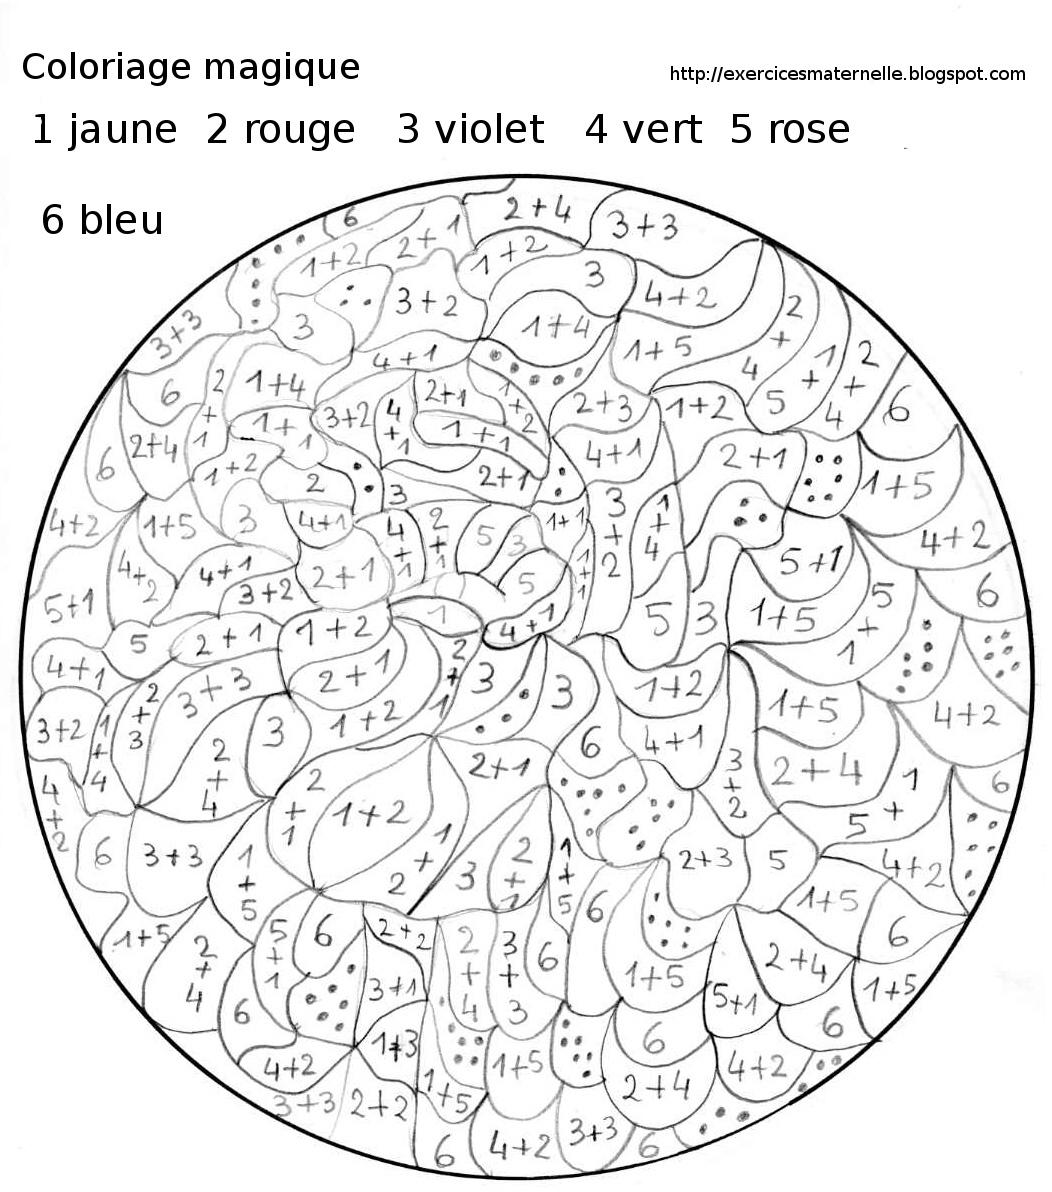 20 dessins de coloriage magique ce1 lecture imprimer - Coloriage magique lecture ...